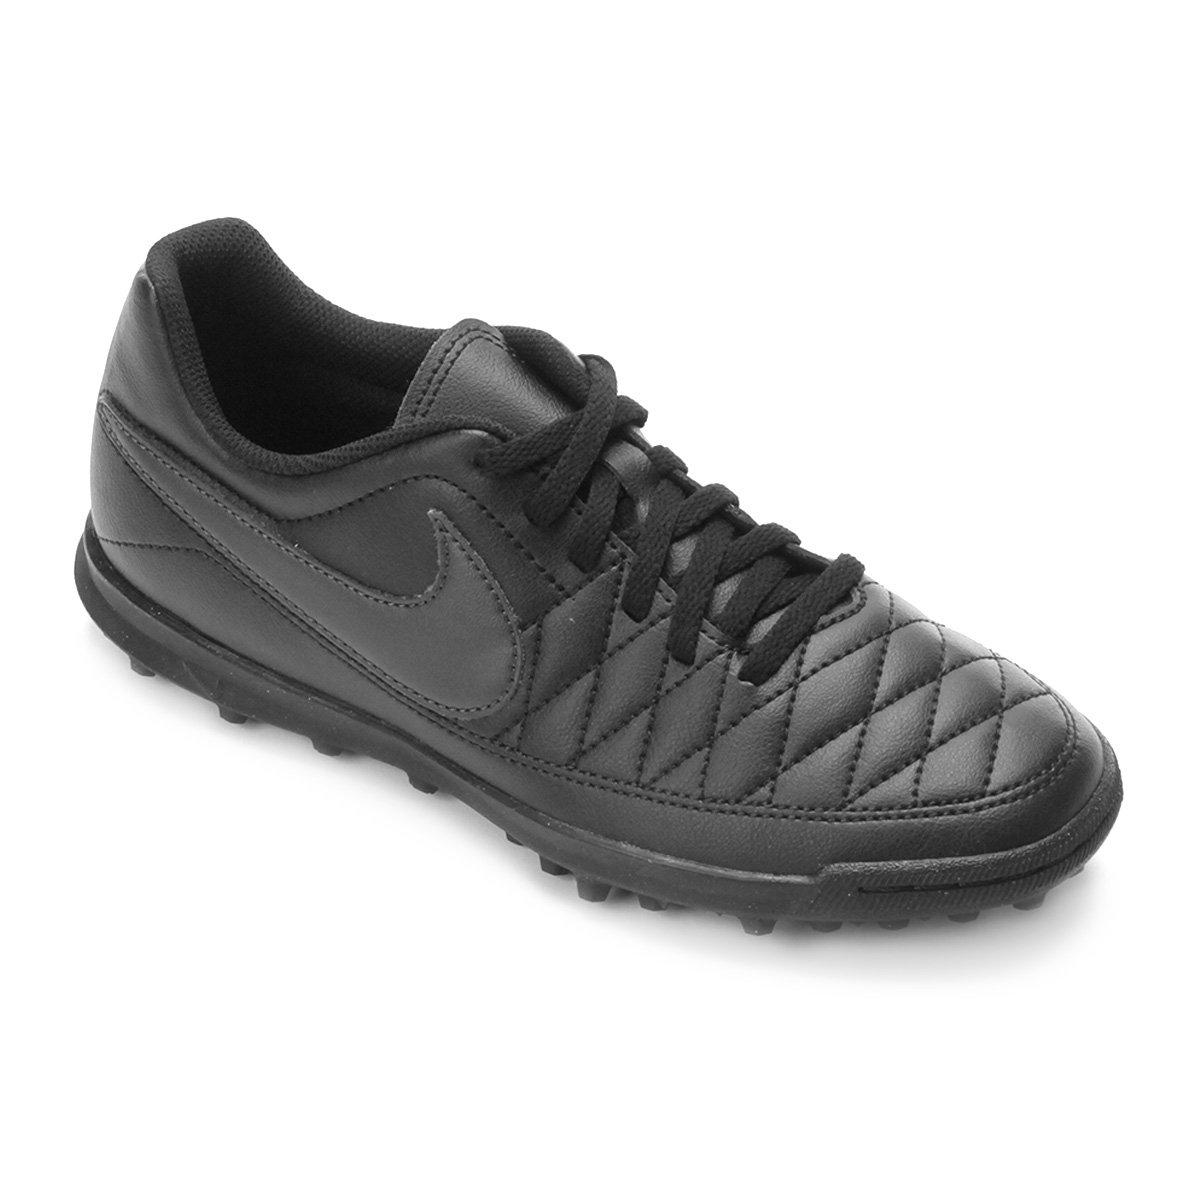 07076ed6e111b Chuteira Society Nike Majestry TF - Preto | Loja do Inter